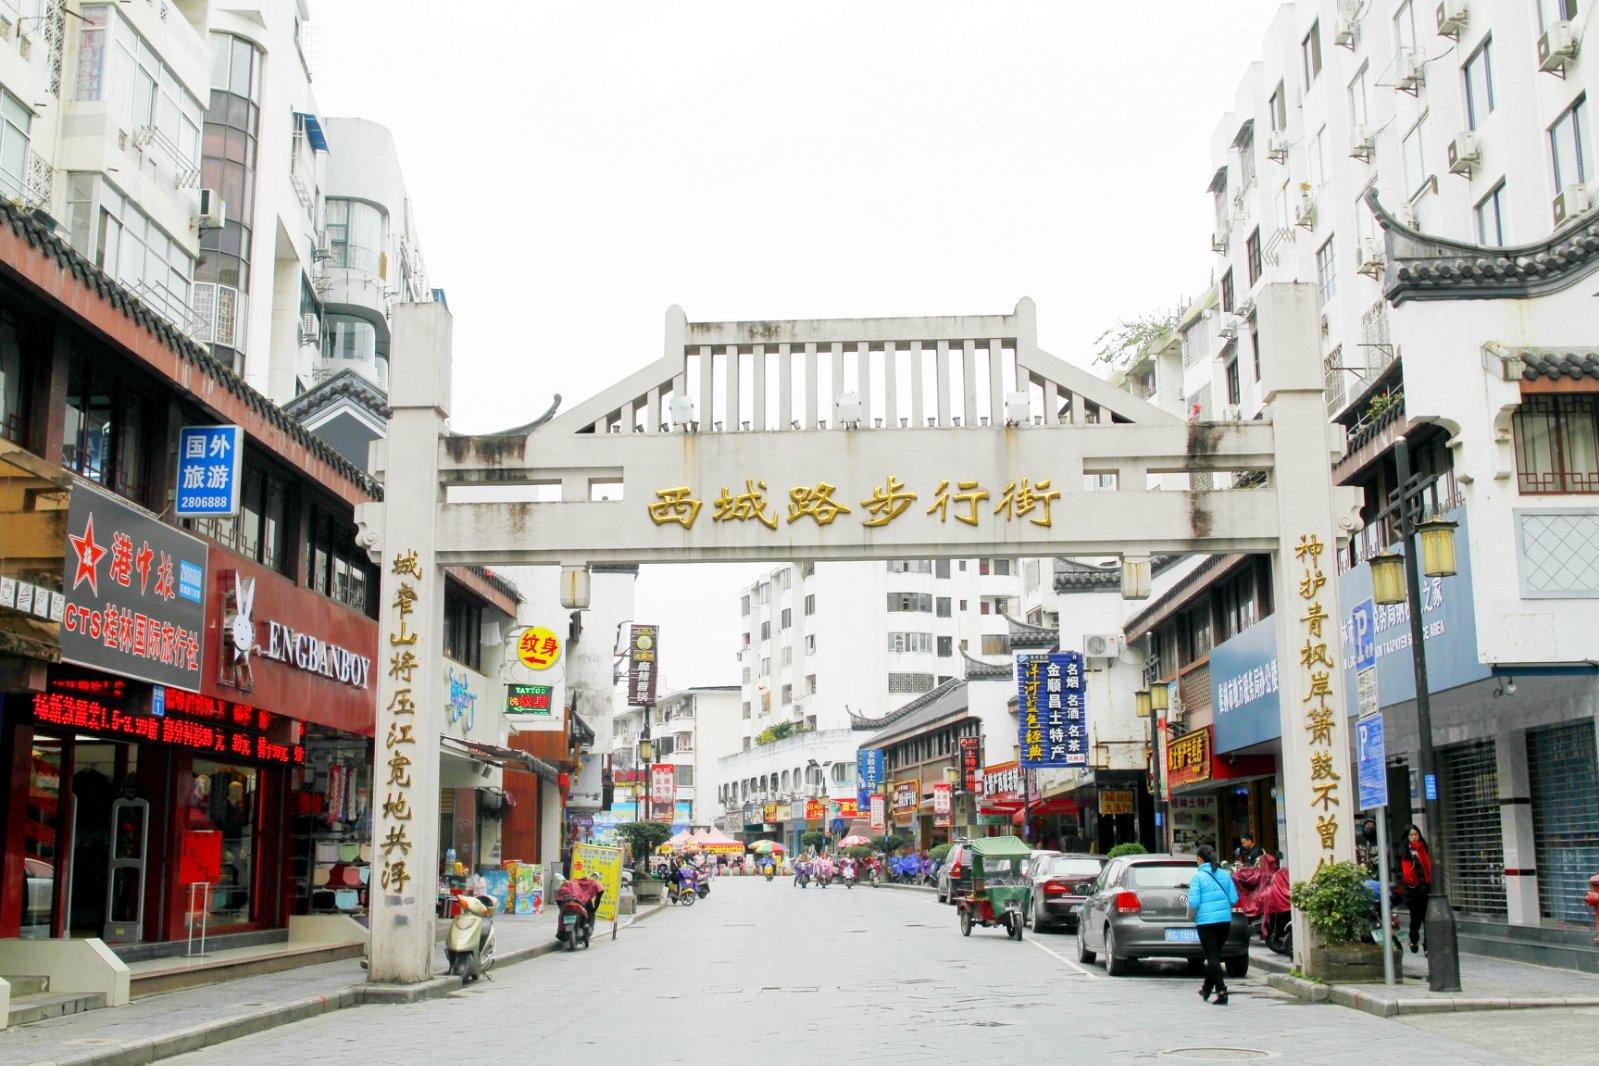 西城路步行街是桂林市区内的一条以美食著称的步行街,如果时间有限图片